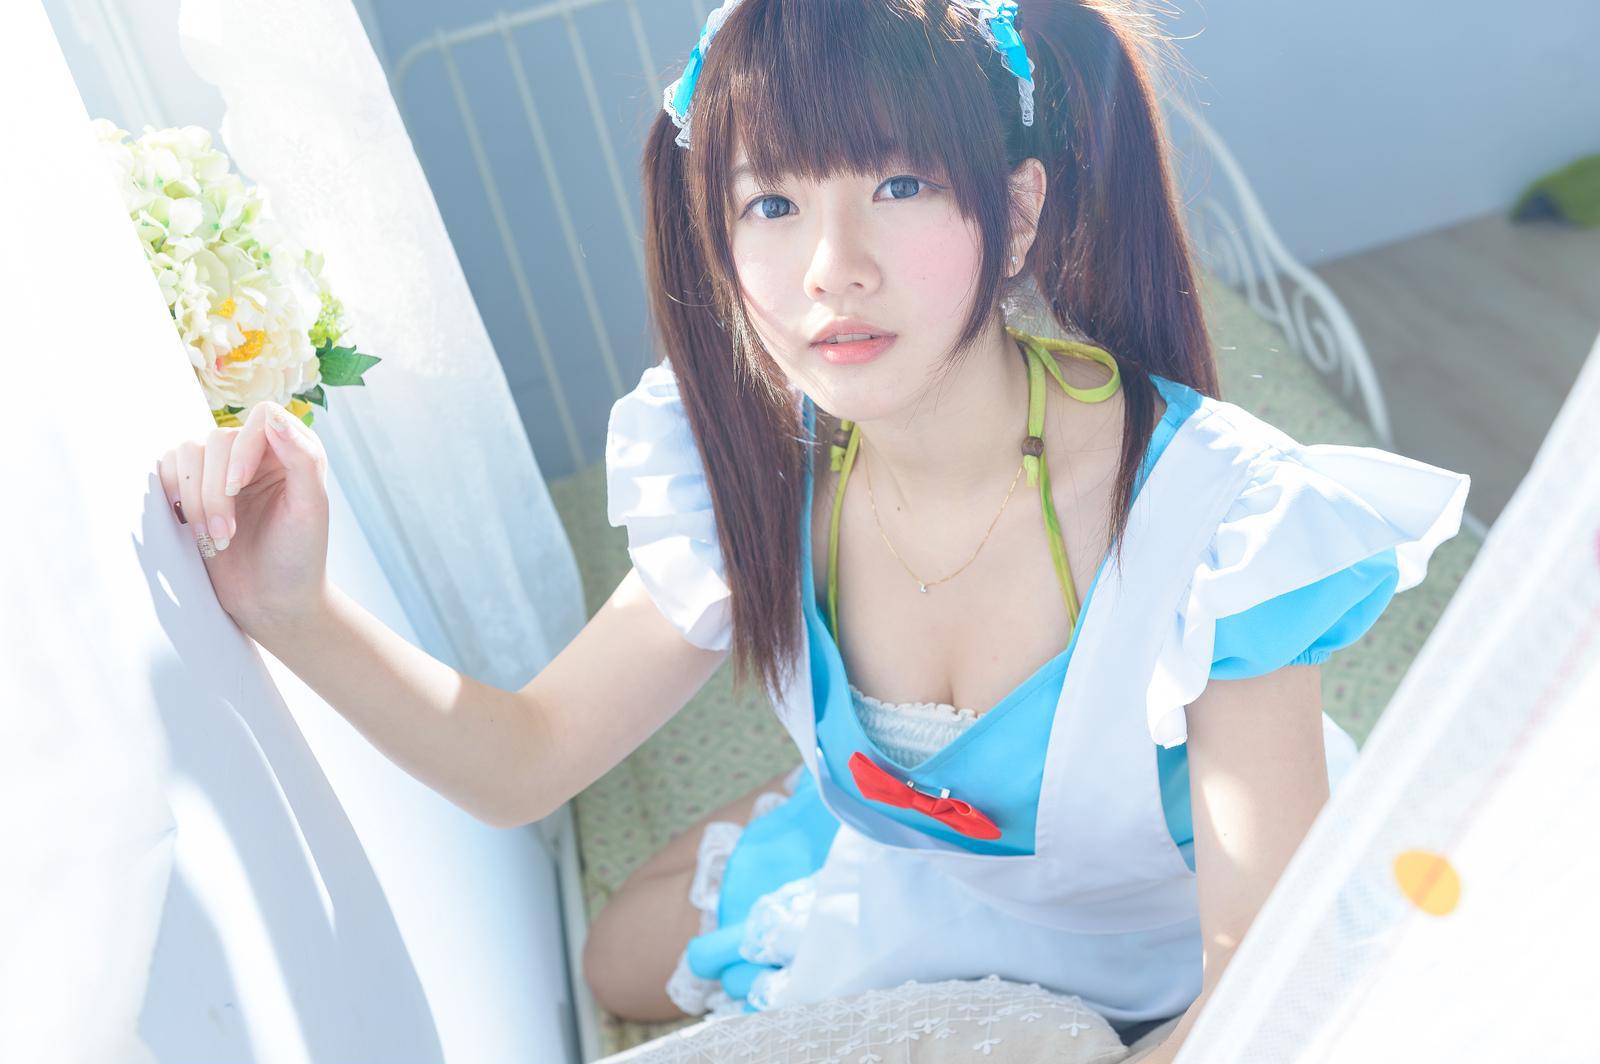 最近の台湾人女性。。。ぐうかわすぎて嫁にしたいンゴwwwwwwww(画像あり)・27枚目の画像